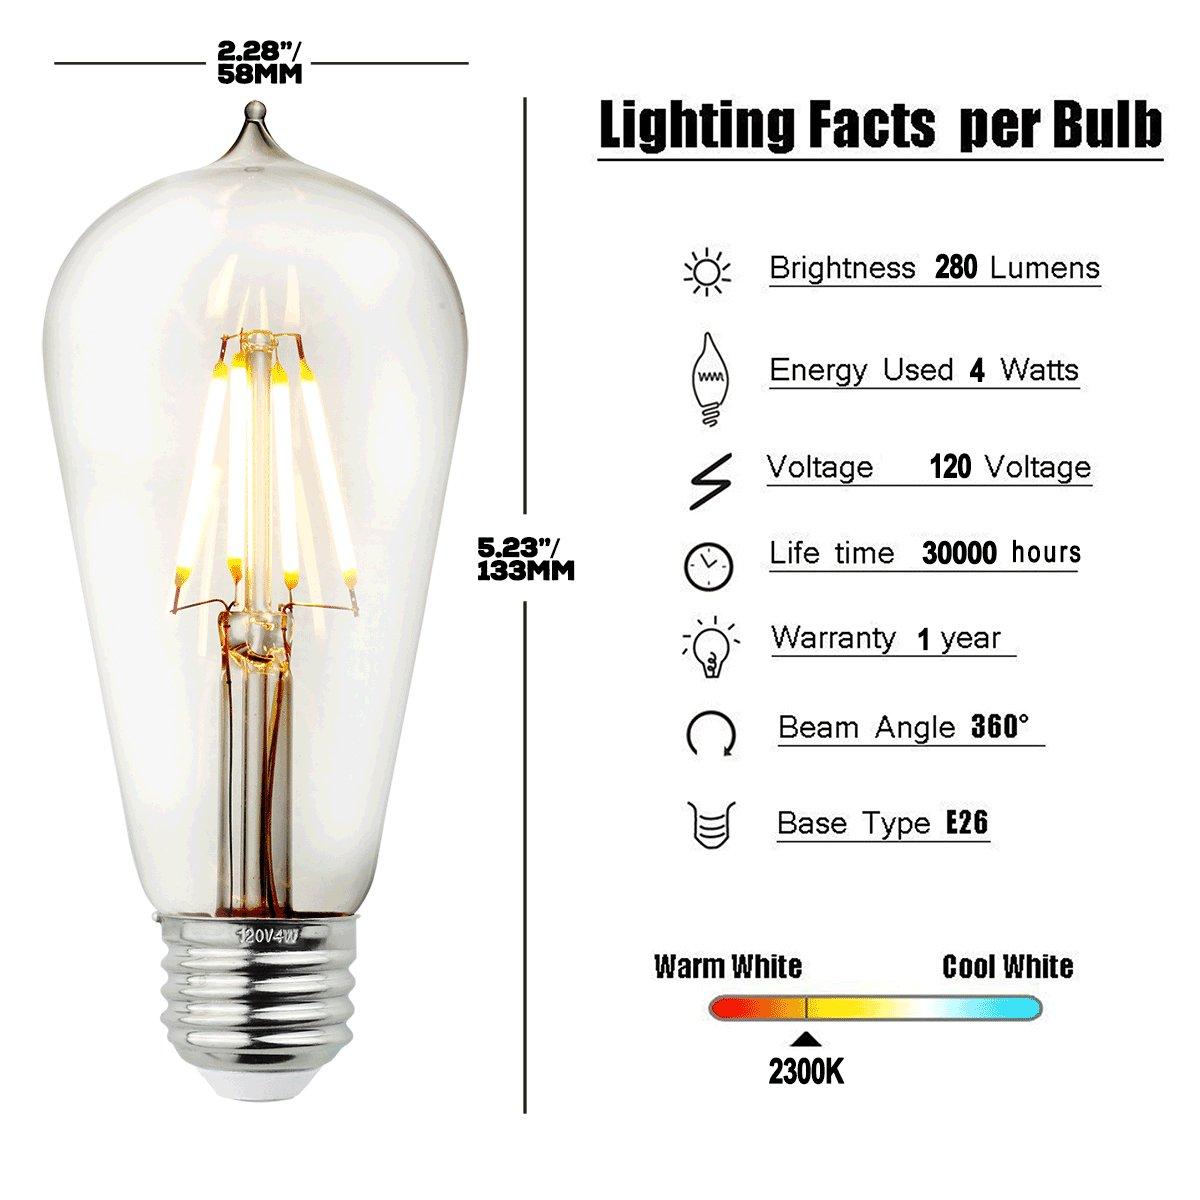 Judy Lighting - 4-Pack Dimmable LED Edison Light Bulb E26 Standard Medium Base (4W LED Warm White)